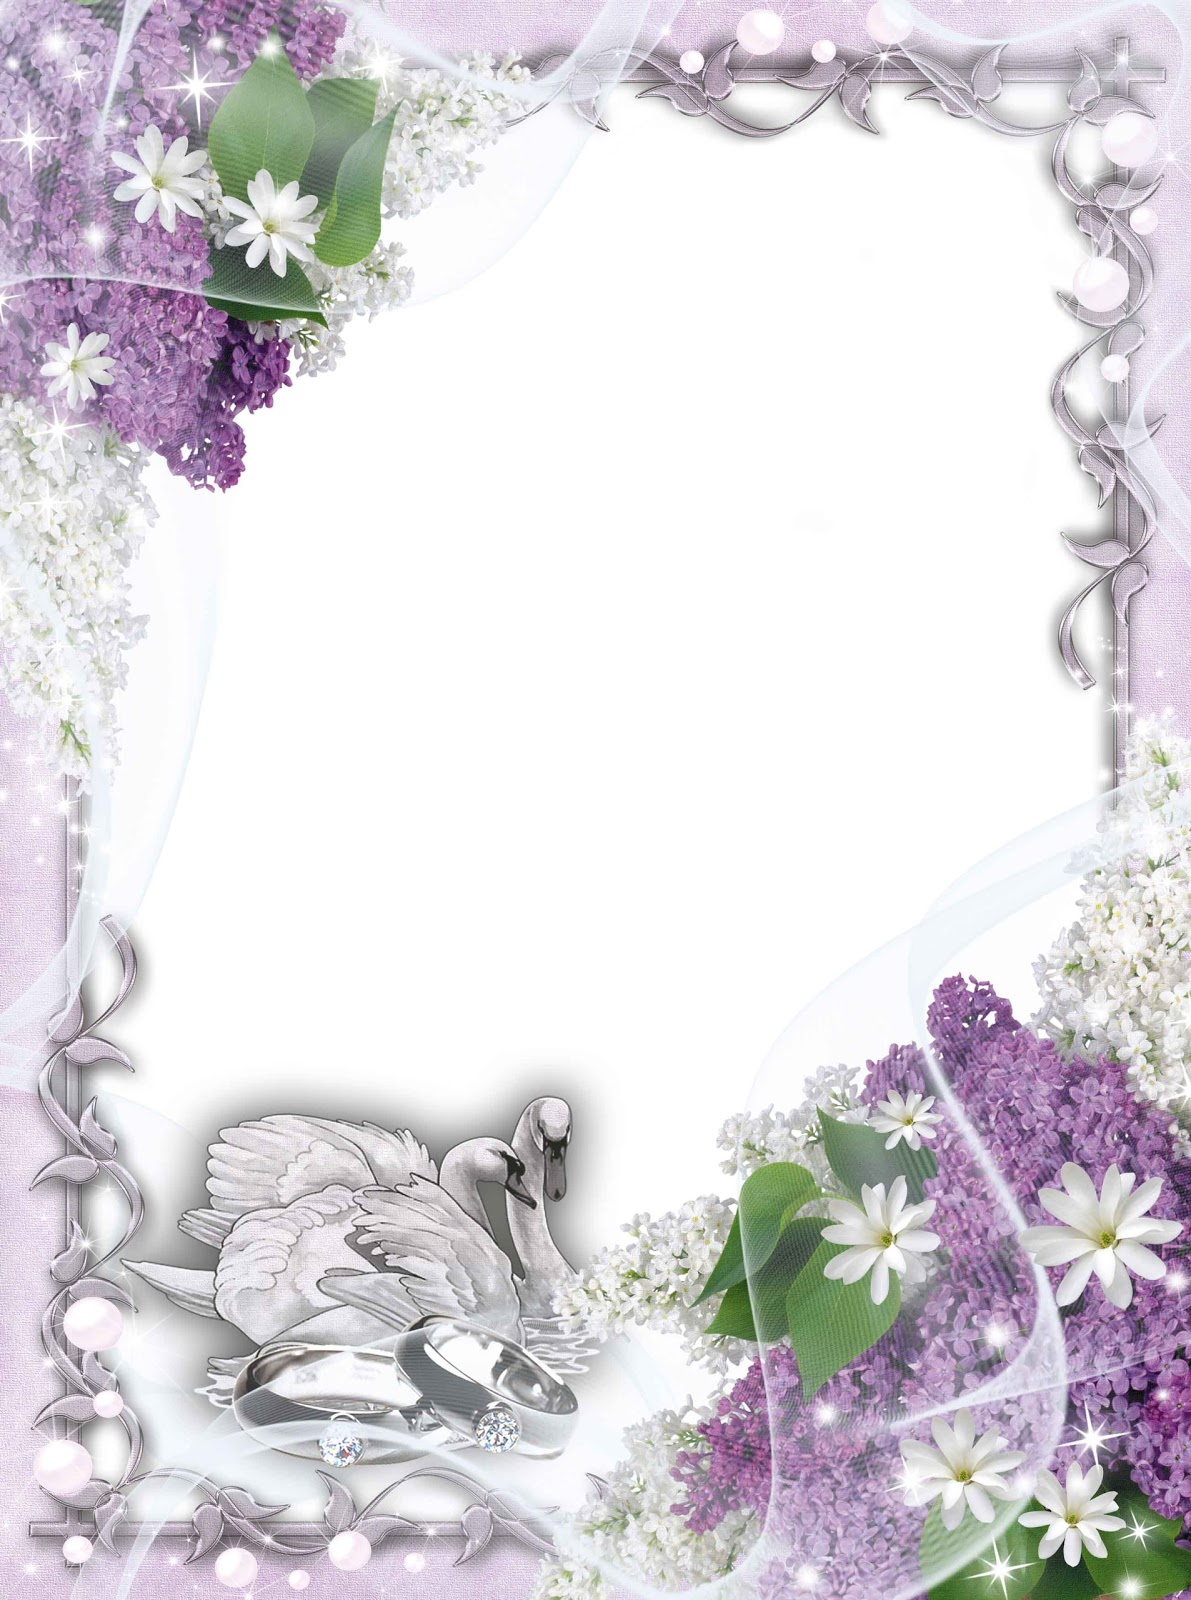 Рамки для открытки свадьбы, счастье